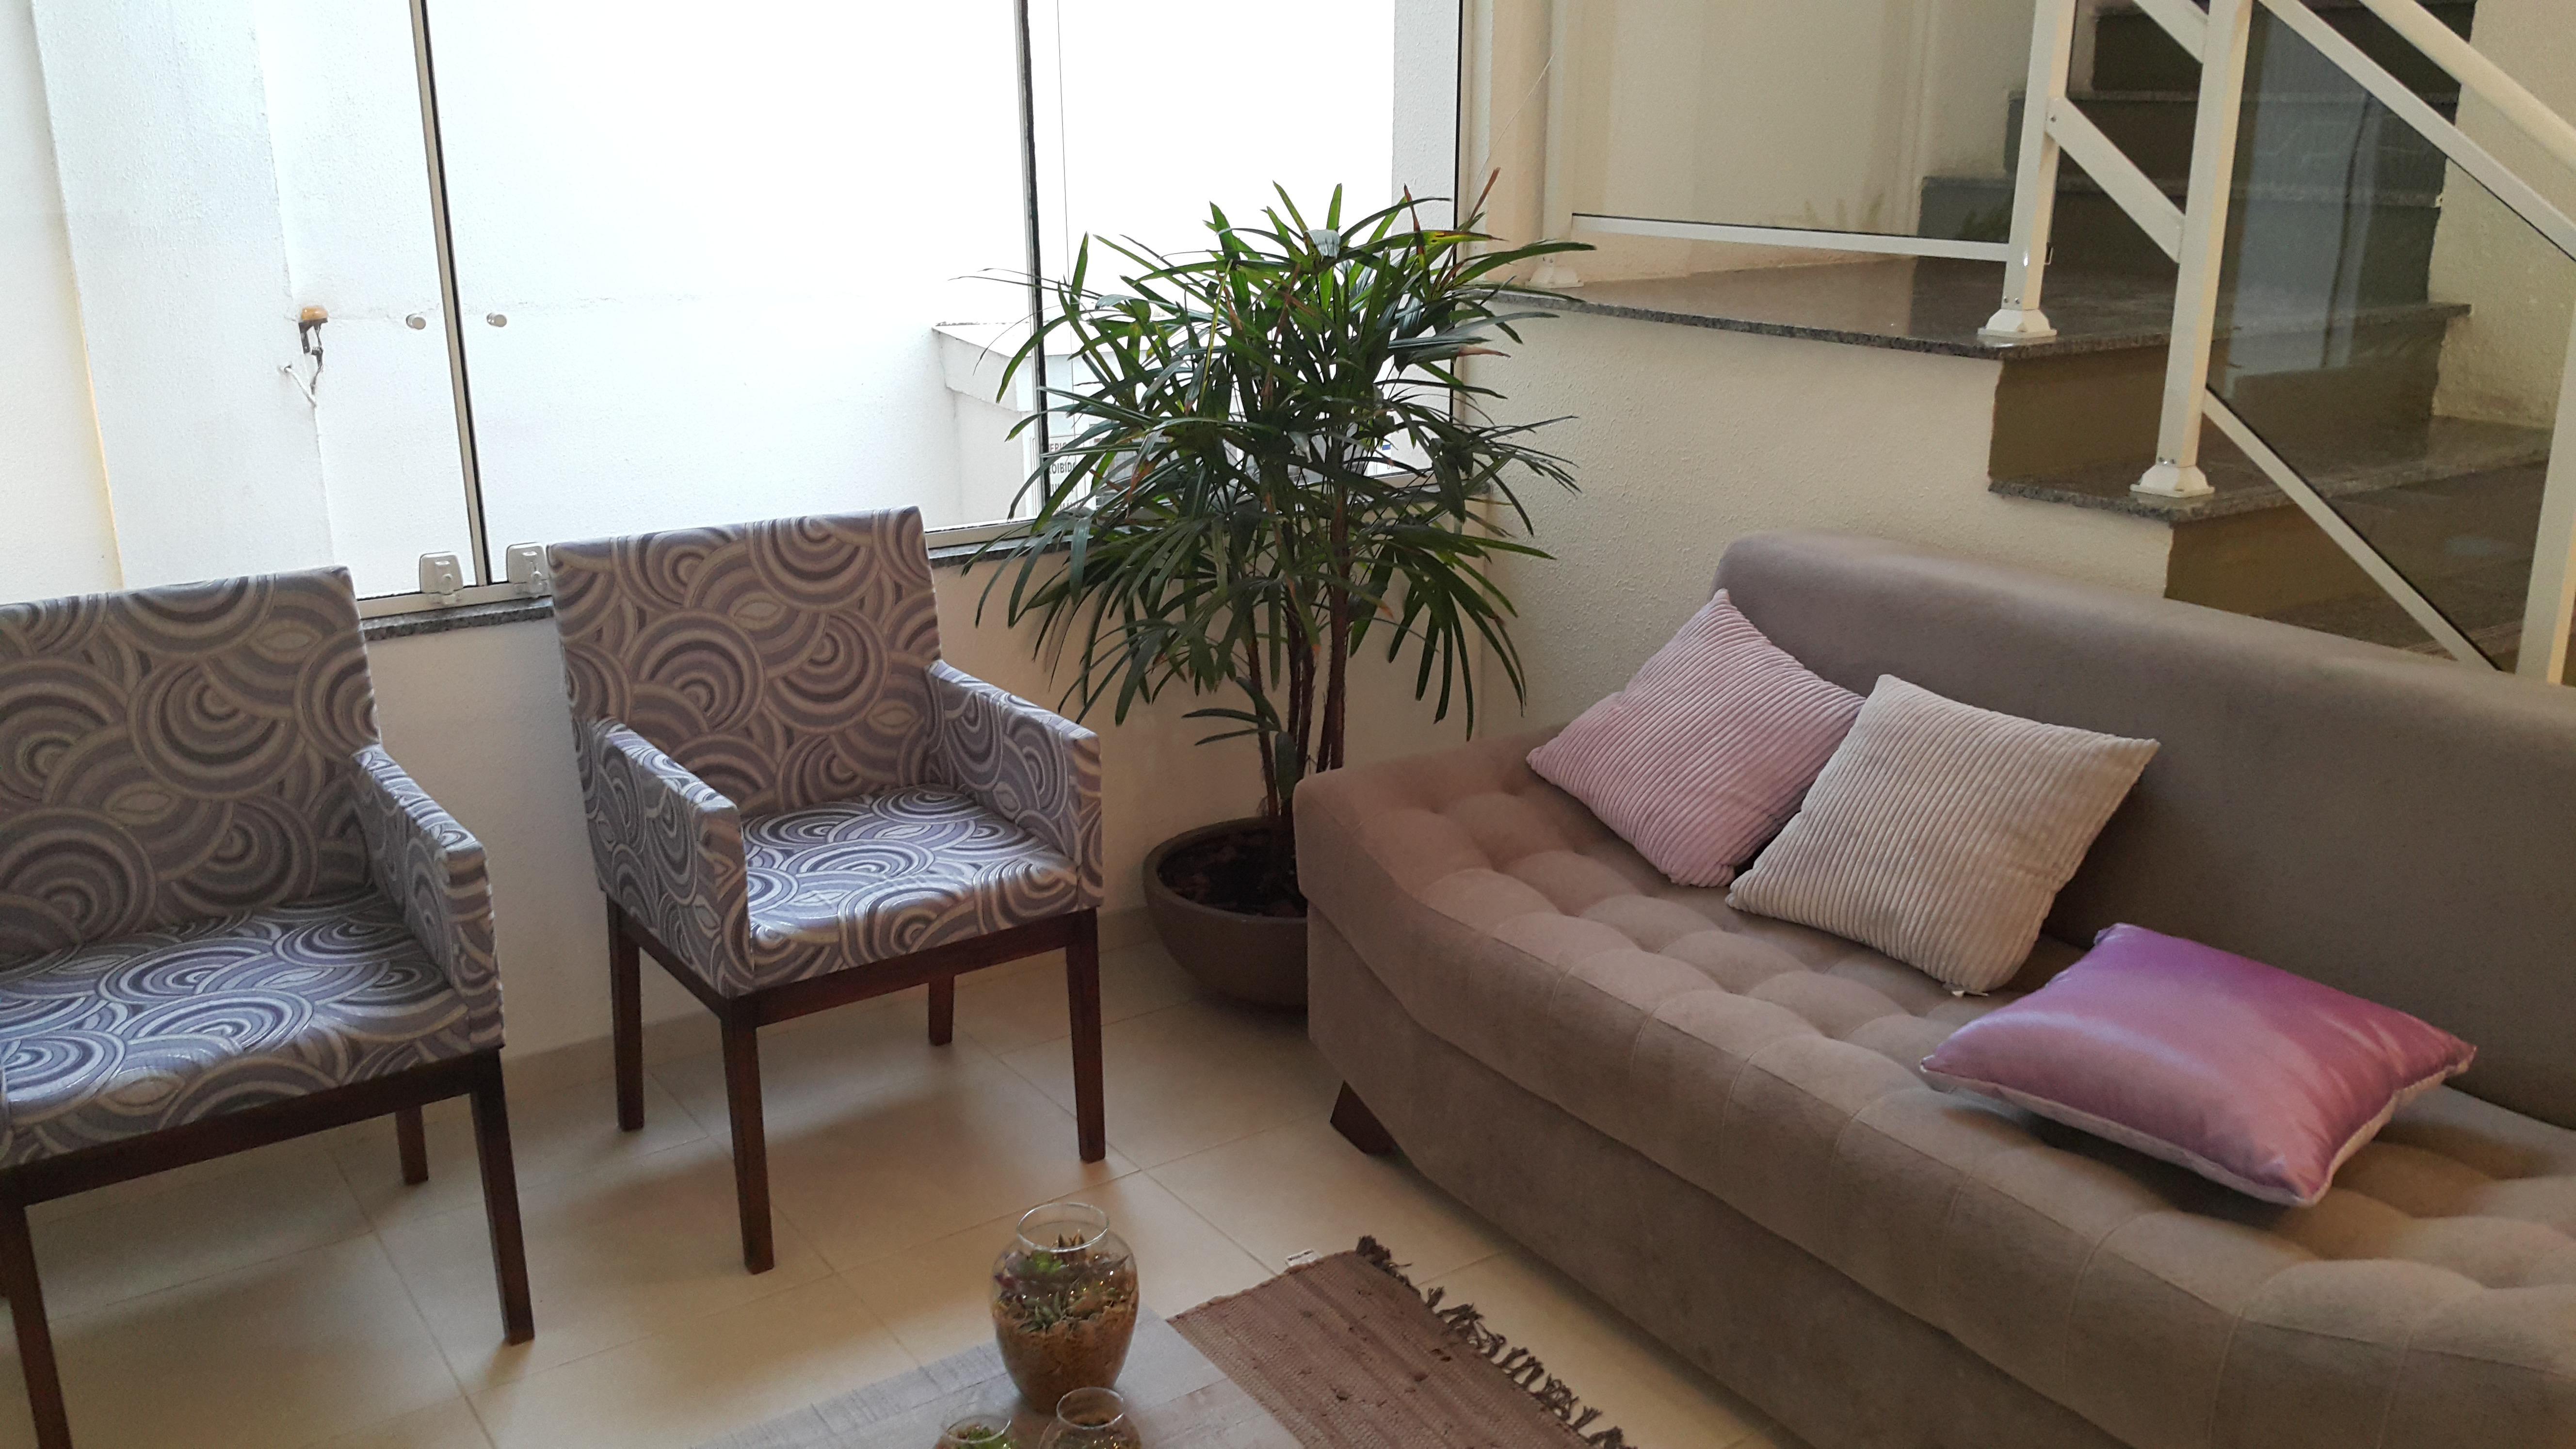 Apartamento com 2 Dormitórios 2 Suítes e 1 Vaga de Garagem à venda  #7A4F63 5312x2988 Balança Digital Banheiro Porto Alegre